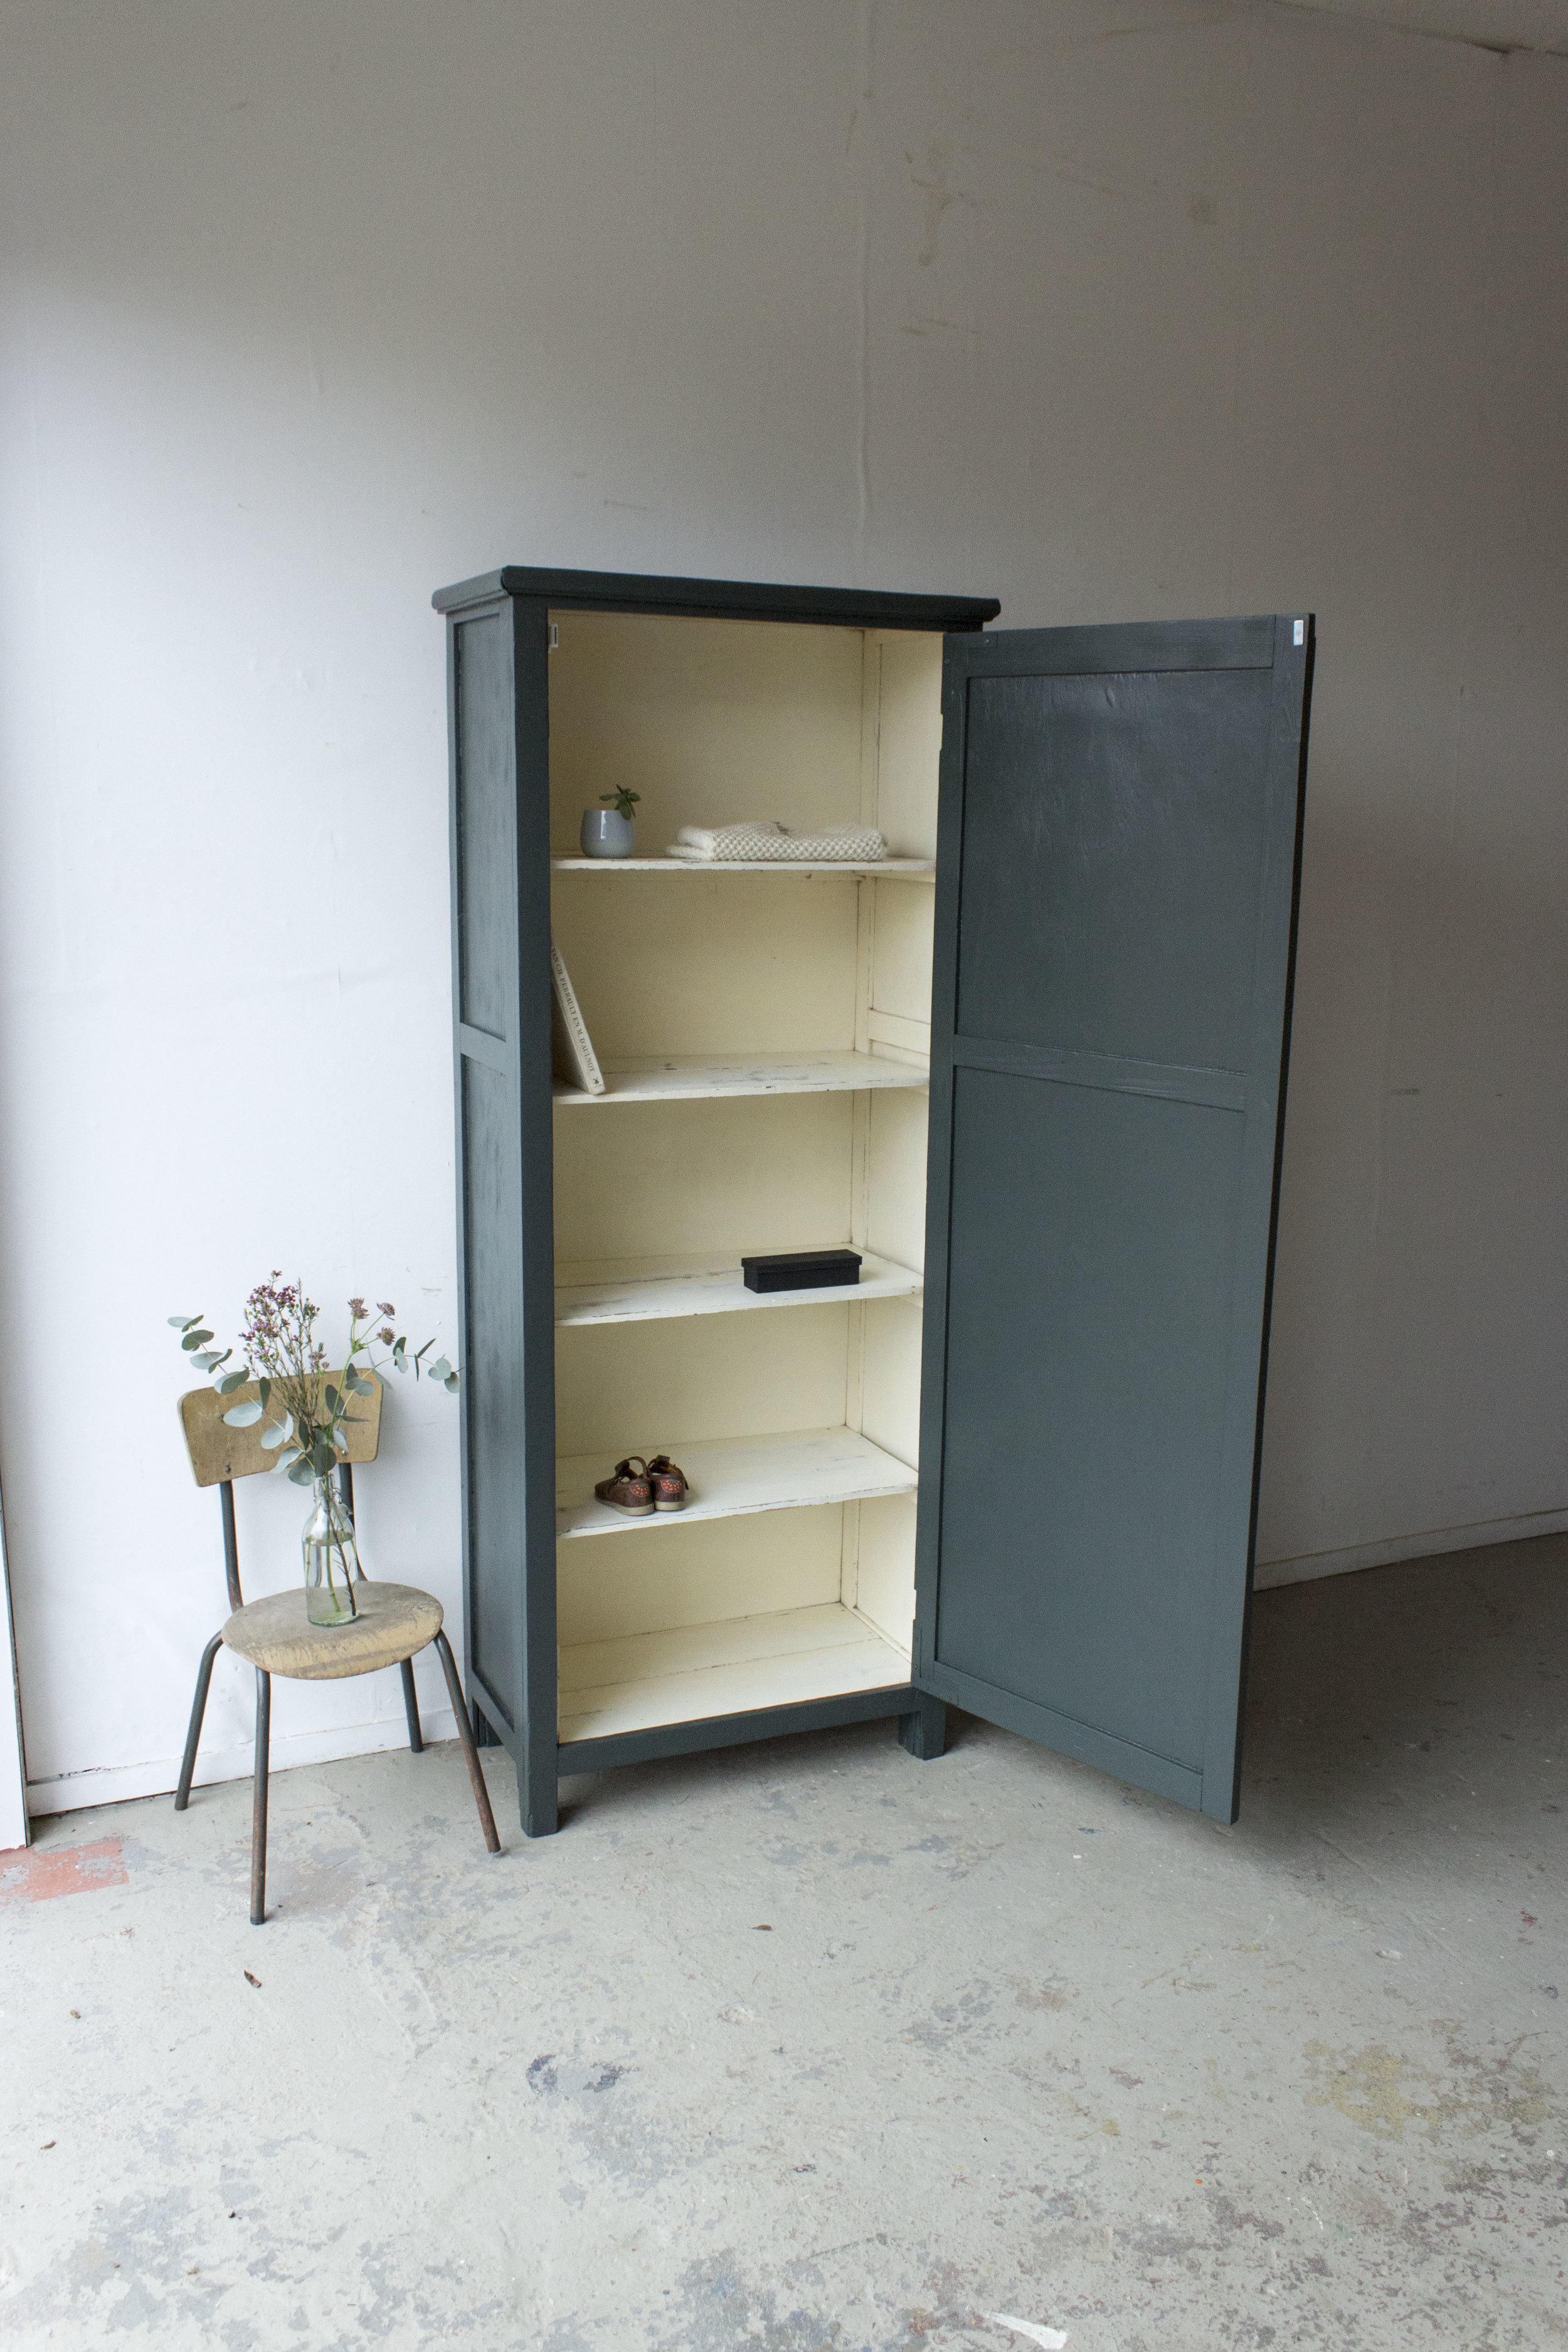 1457 - woudgroene vintage kledingkast - Firma zoethout_3.jpg